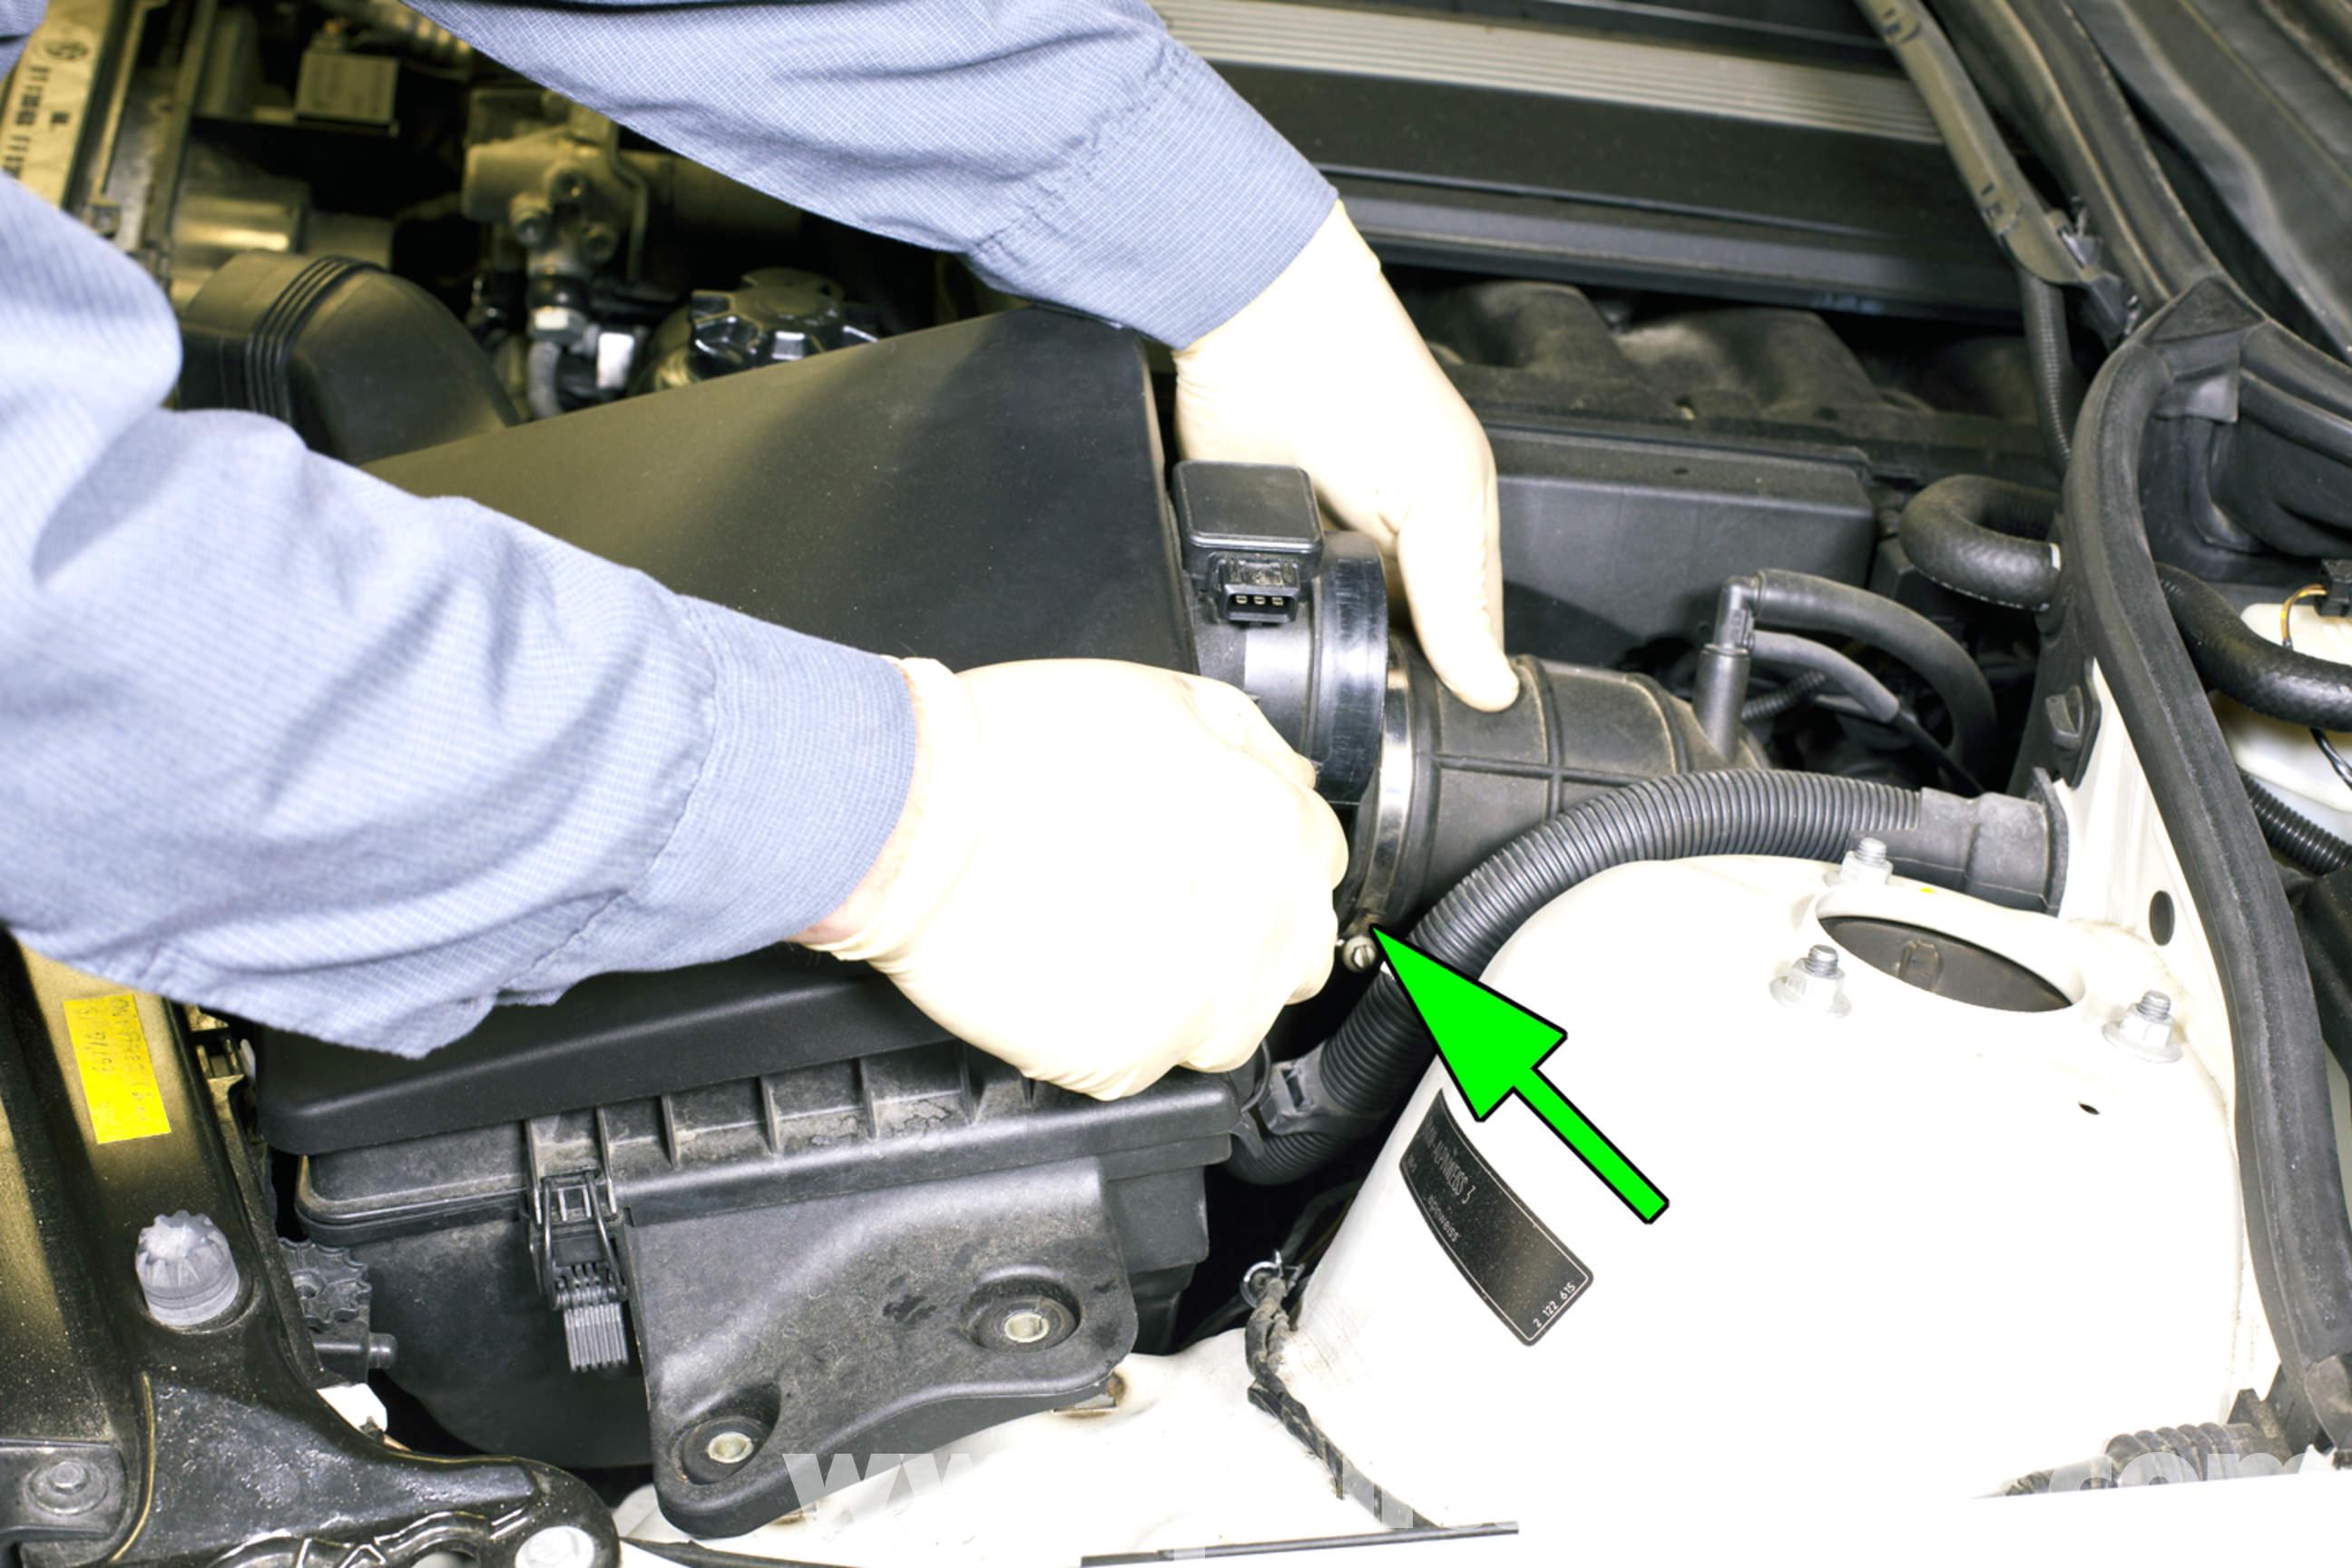 2004 bmw 325i parts diagram 2004 image wiring diagram bmw e46 alternator replacement bmw 325i 2001 2005 bmw 325xi on 2004 bmw 325i parts diagram